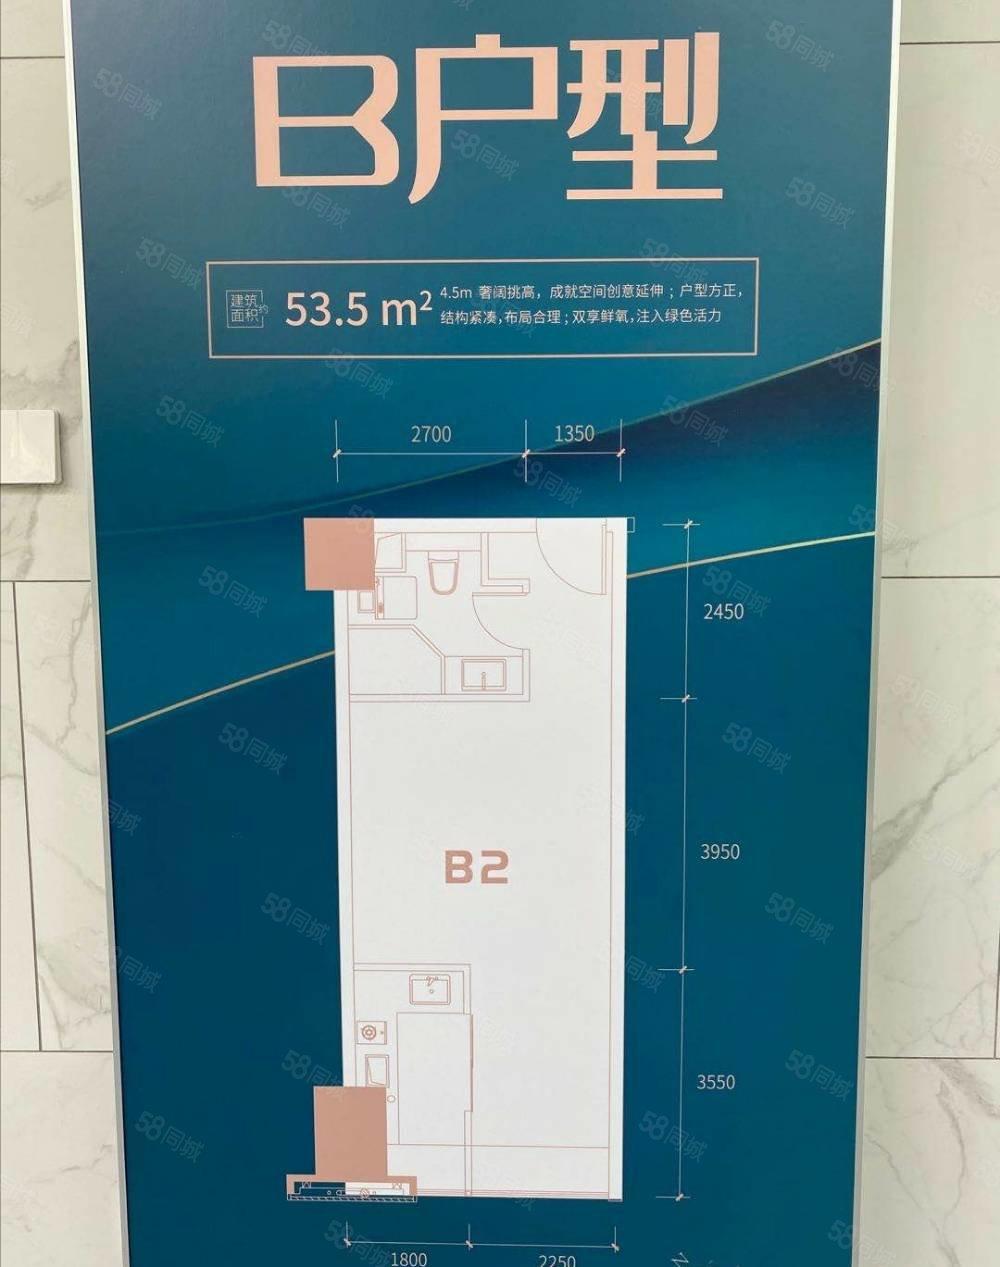 三湘印象森林海尚城2室1厅1卫53㎡南北62.8万